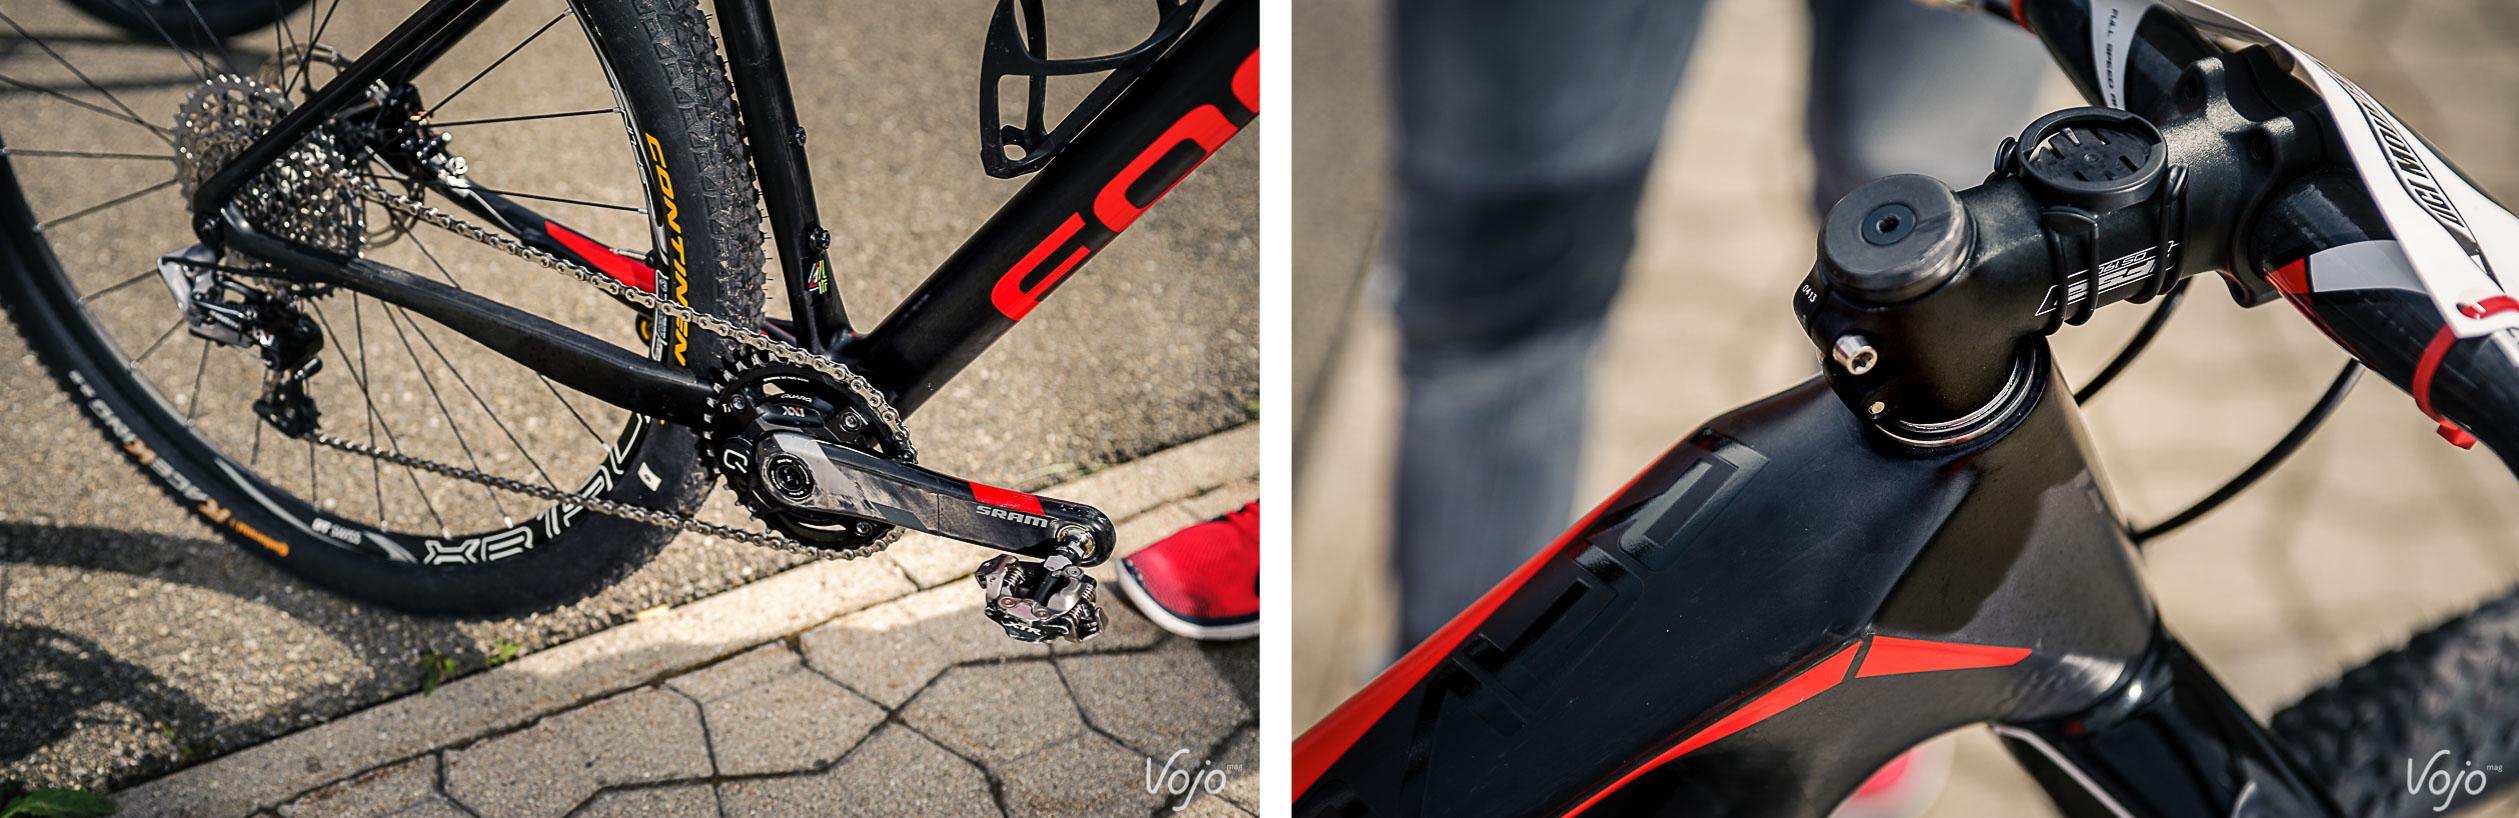 1-Focus_Raven_Max_Florian_Vogel_World_Cup_Bike_Copyright_OBeart_VojoMag-1